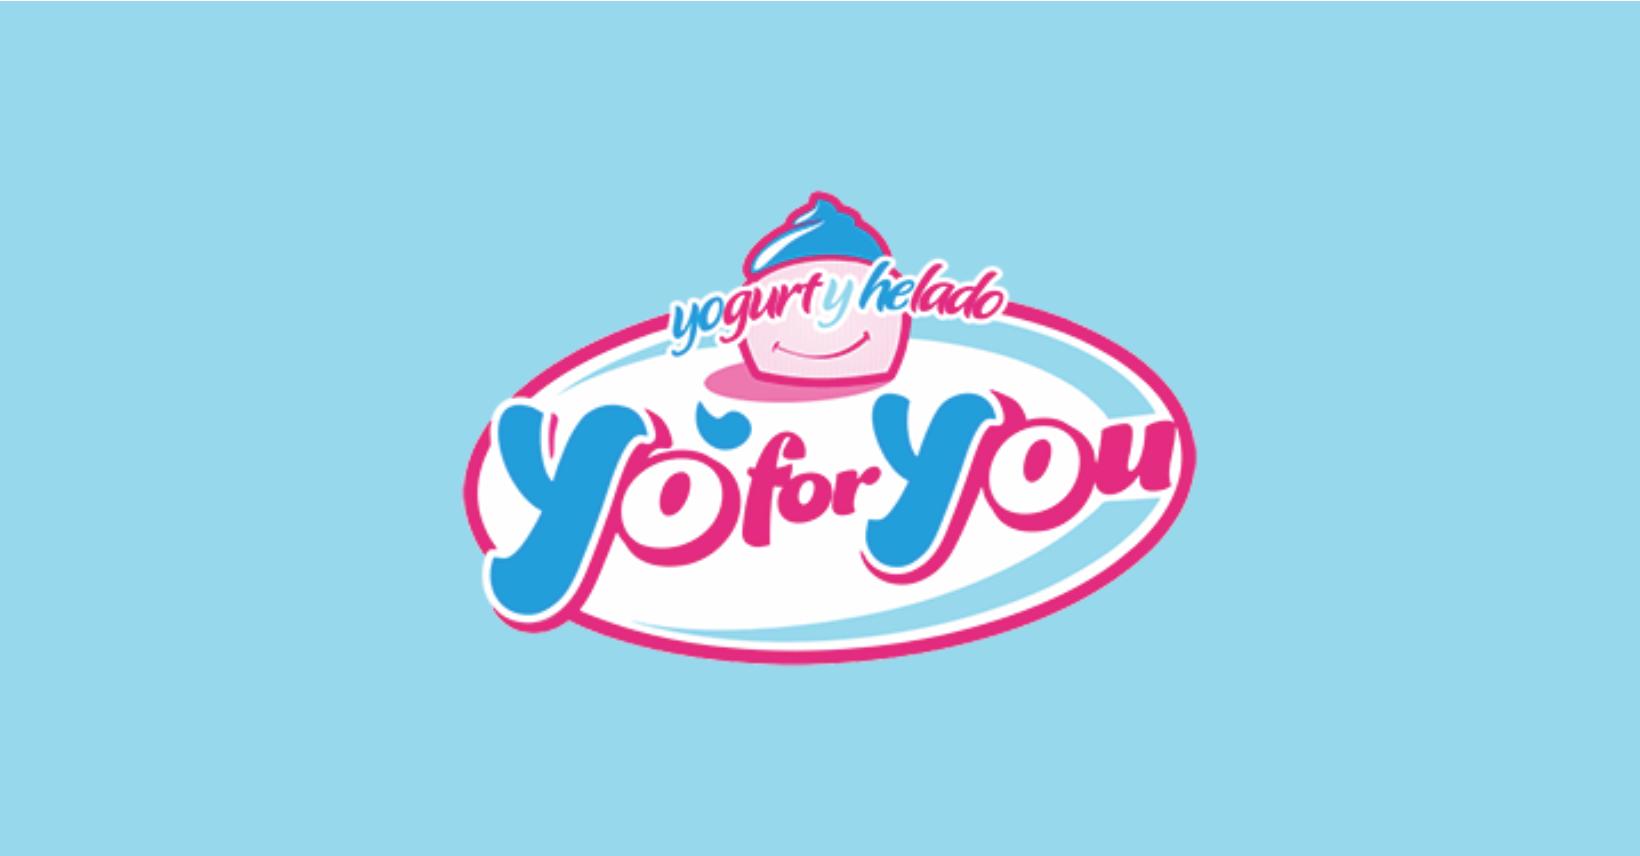 yoforyou facebook